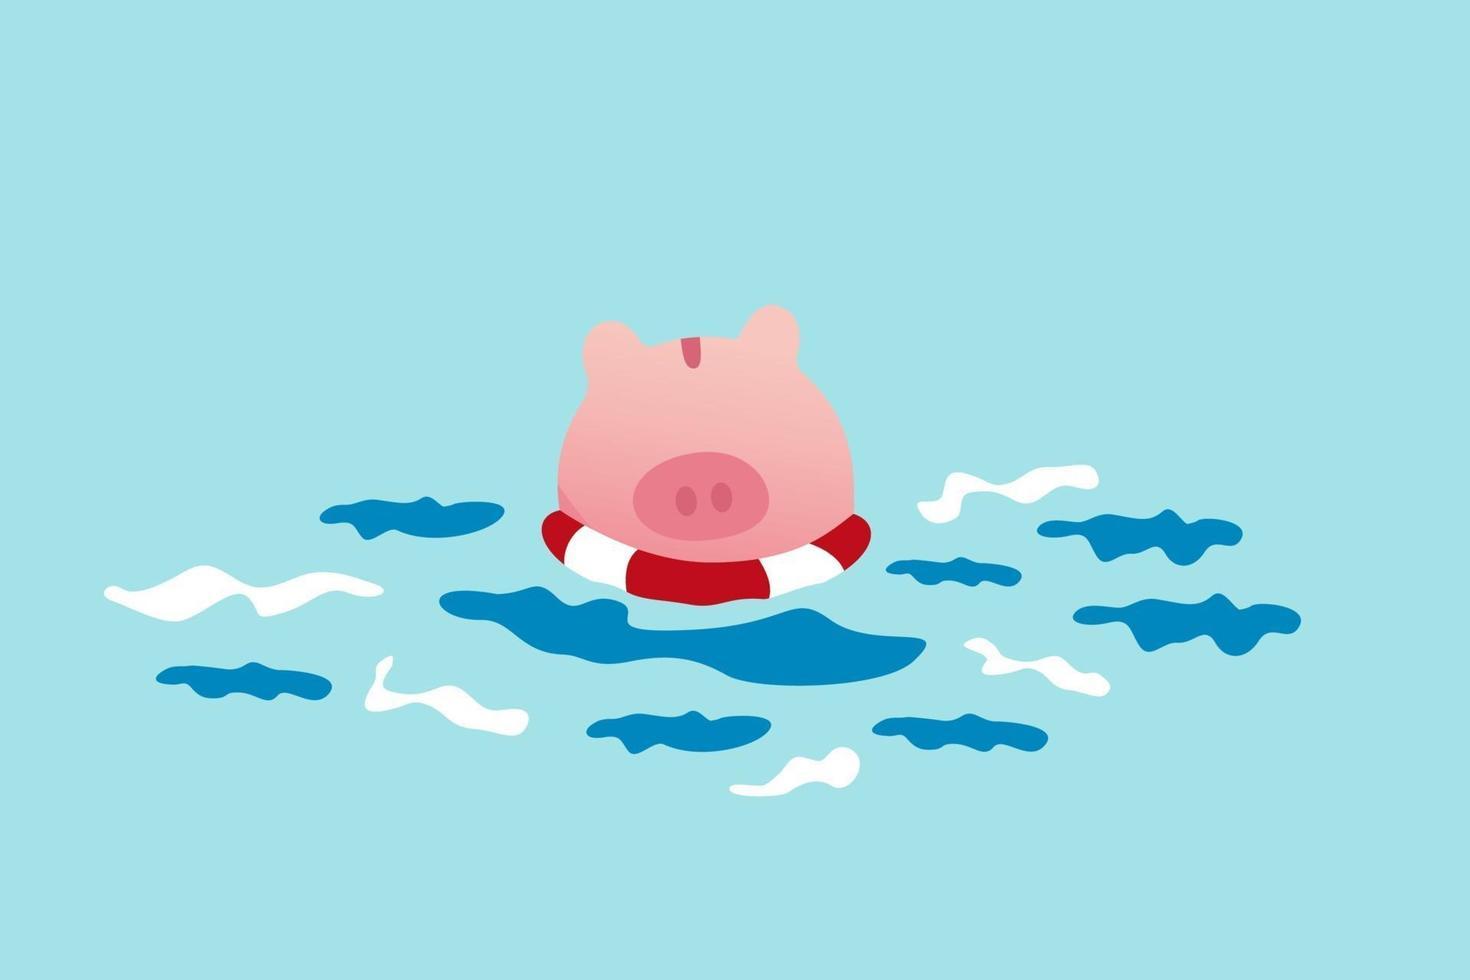 seguro comercial, política de ayuda del gobierno en crisis financiera o seguridad para ahorros personales en el concepto de pandemia covid-19 del accidente del coronavirus, hucha rosa desesperada flotando en un salvavidas en el océano. vector